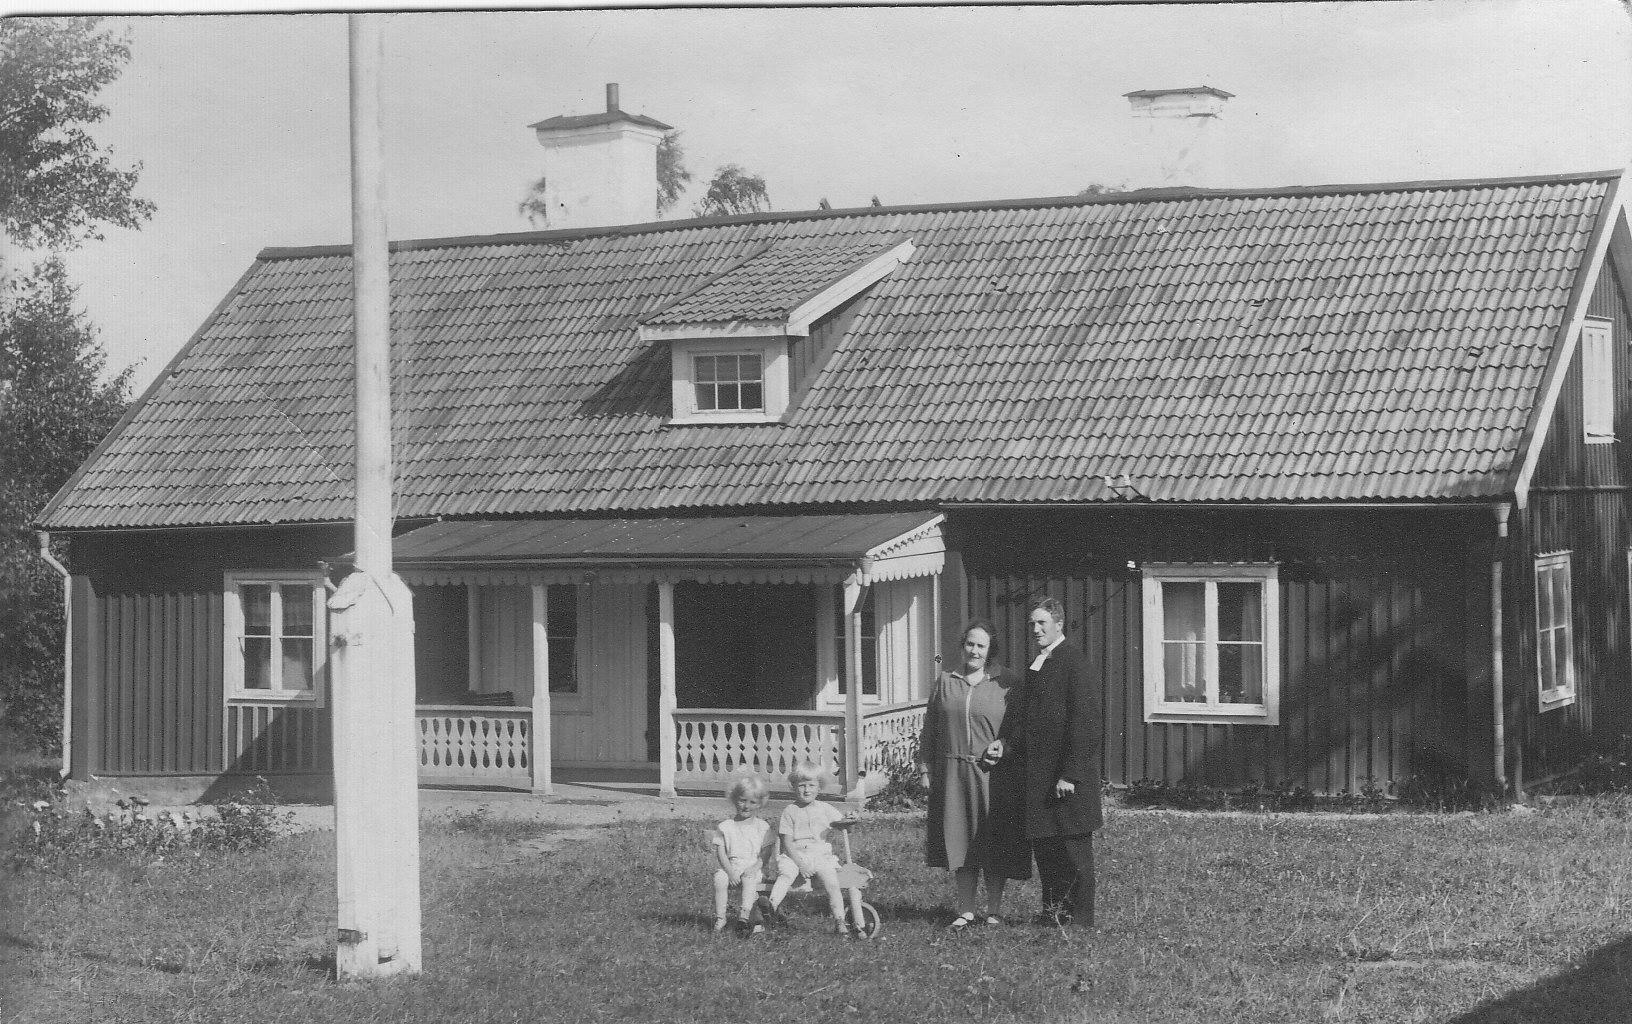 Kommunister Ljungve med fru och barn på Kaplansbacken, Elmsta